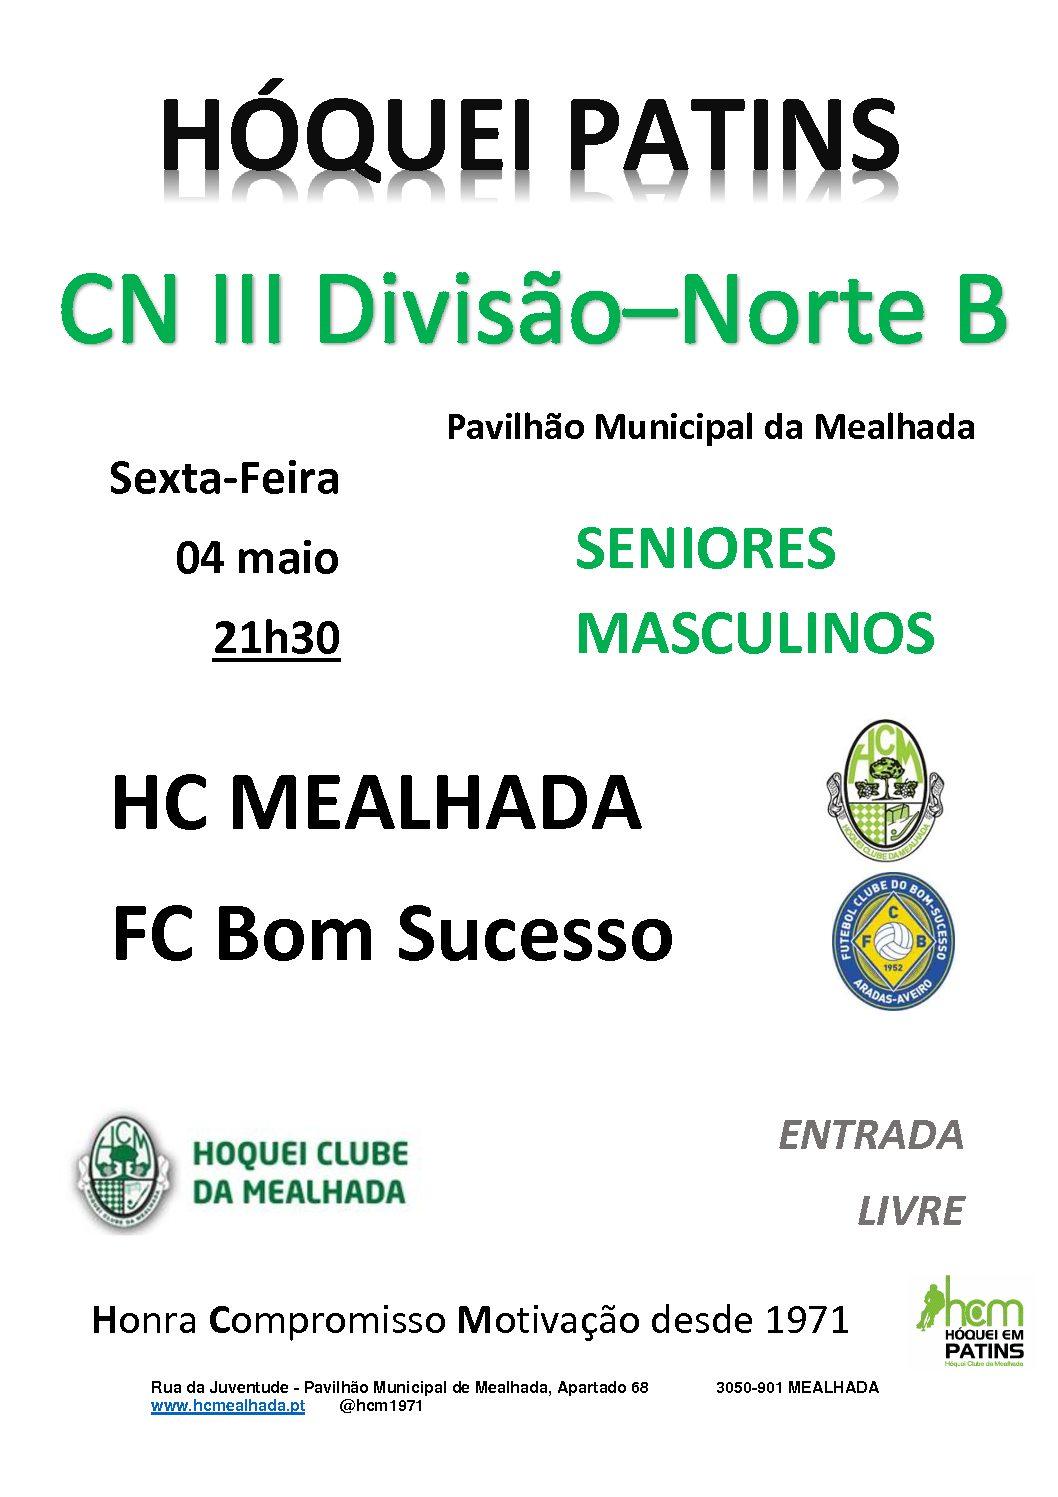 Séniores do HCM jogam hoje em casa com o FC Bom Sucesso